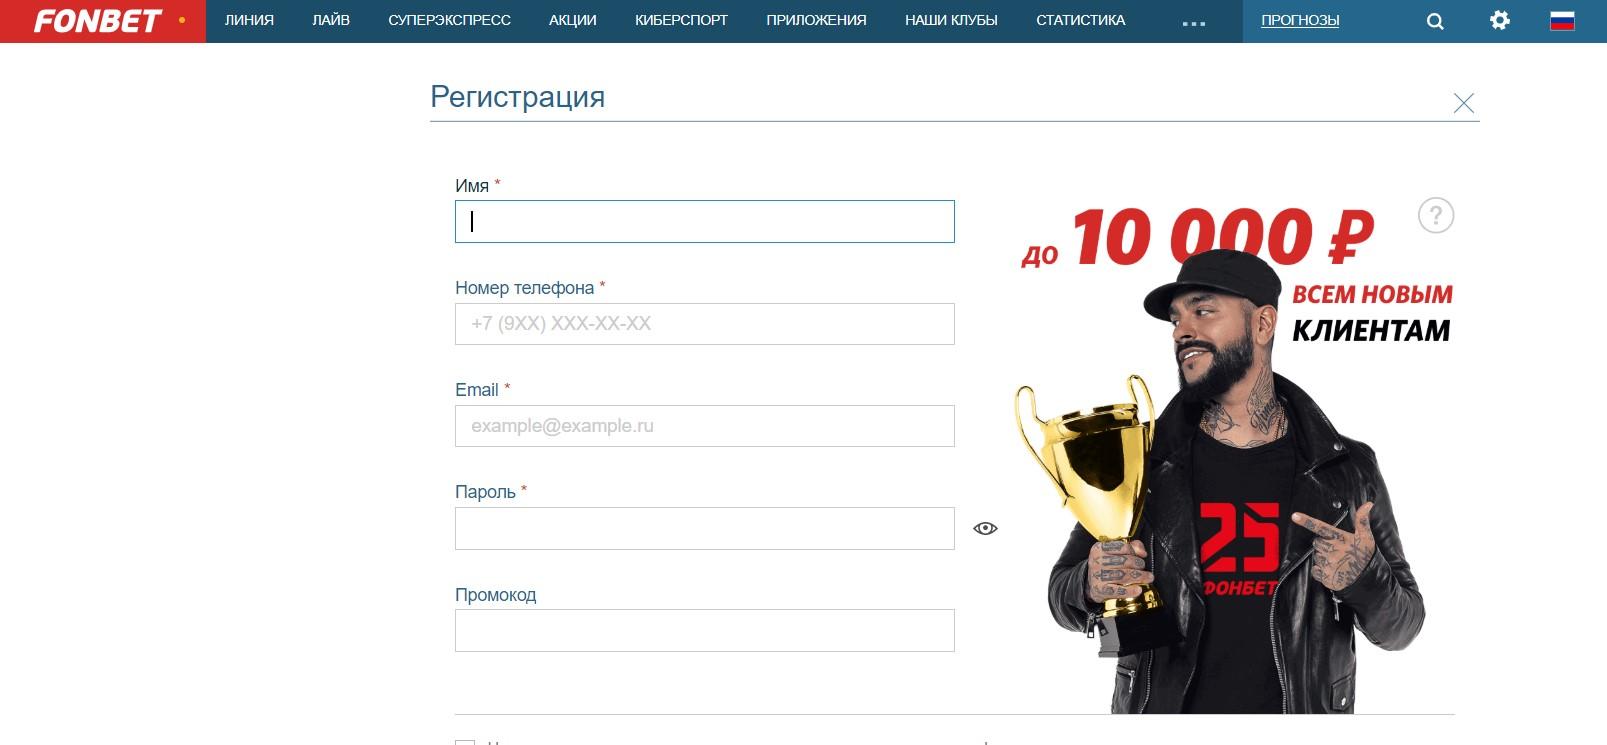 Регистрация Фонбет